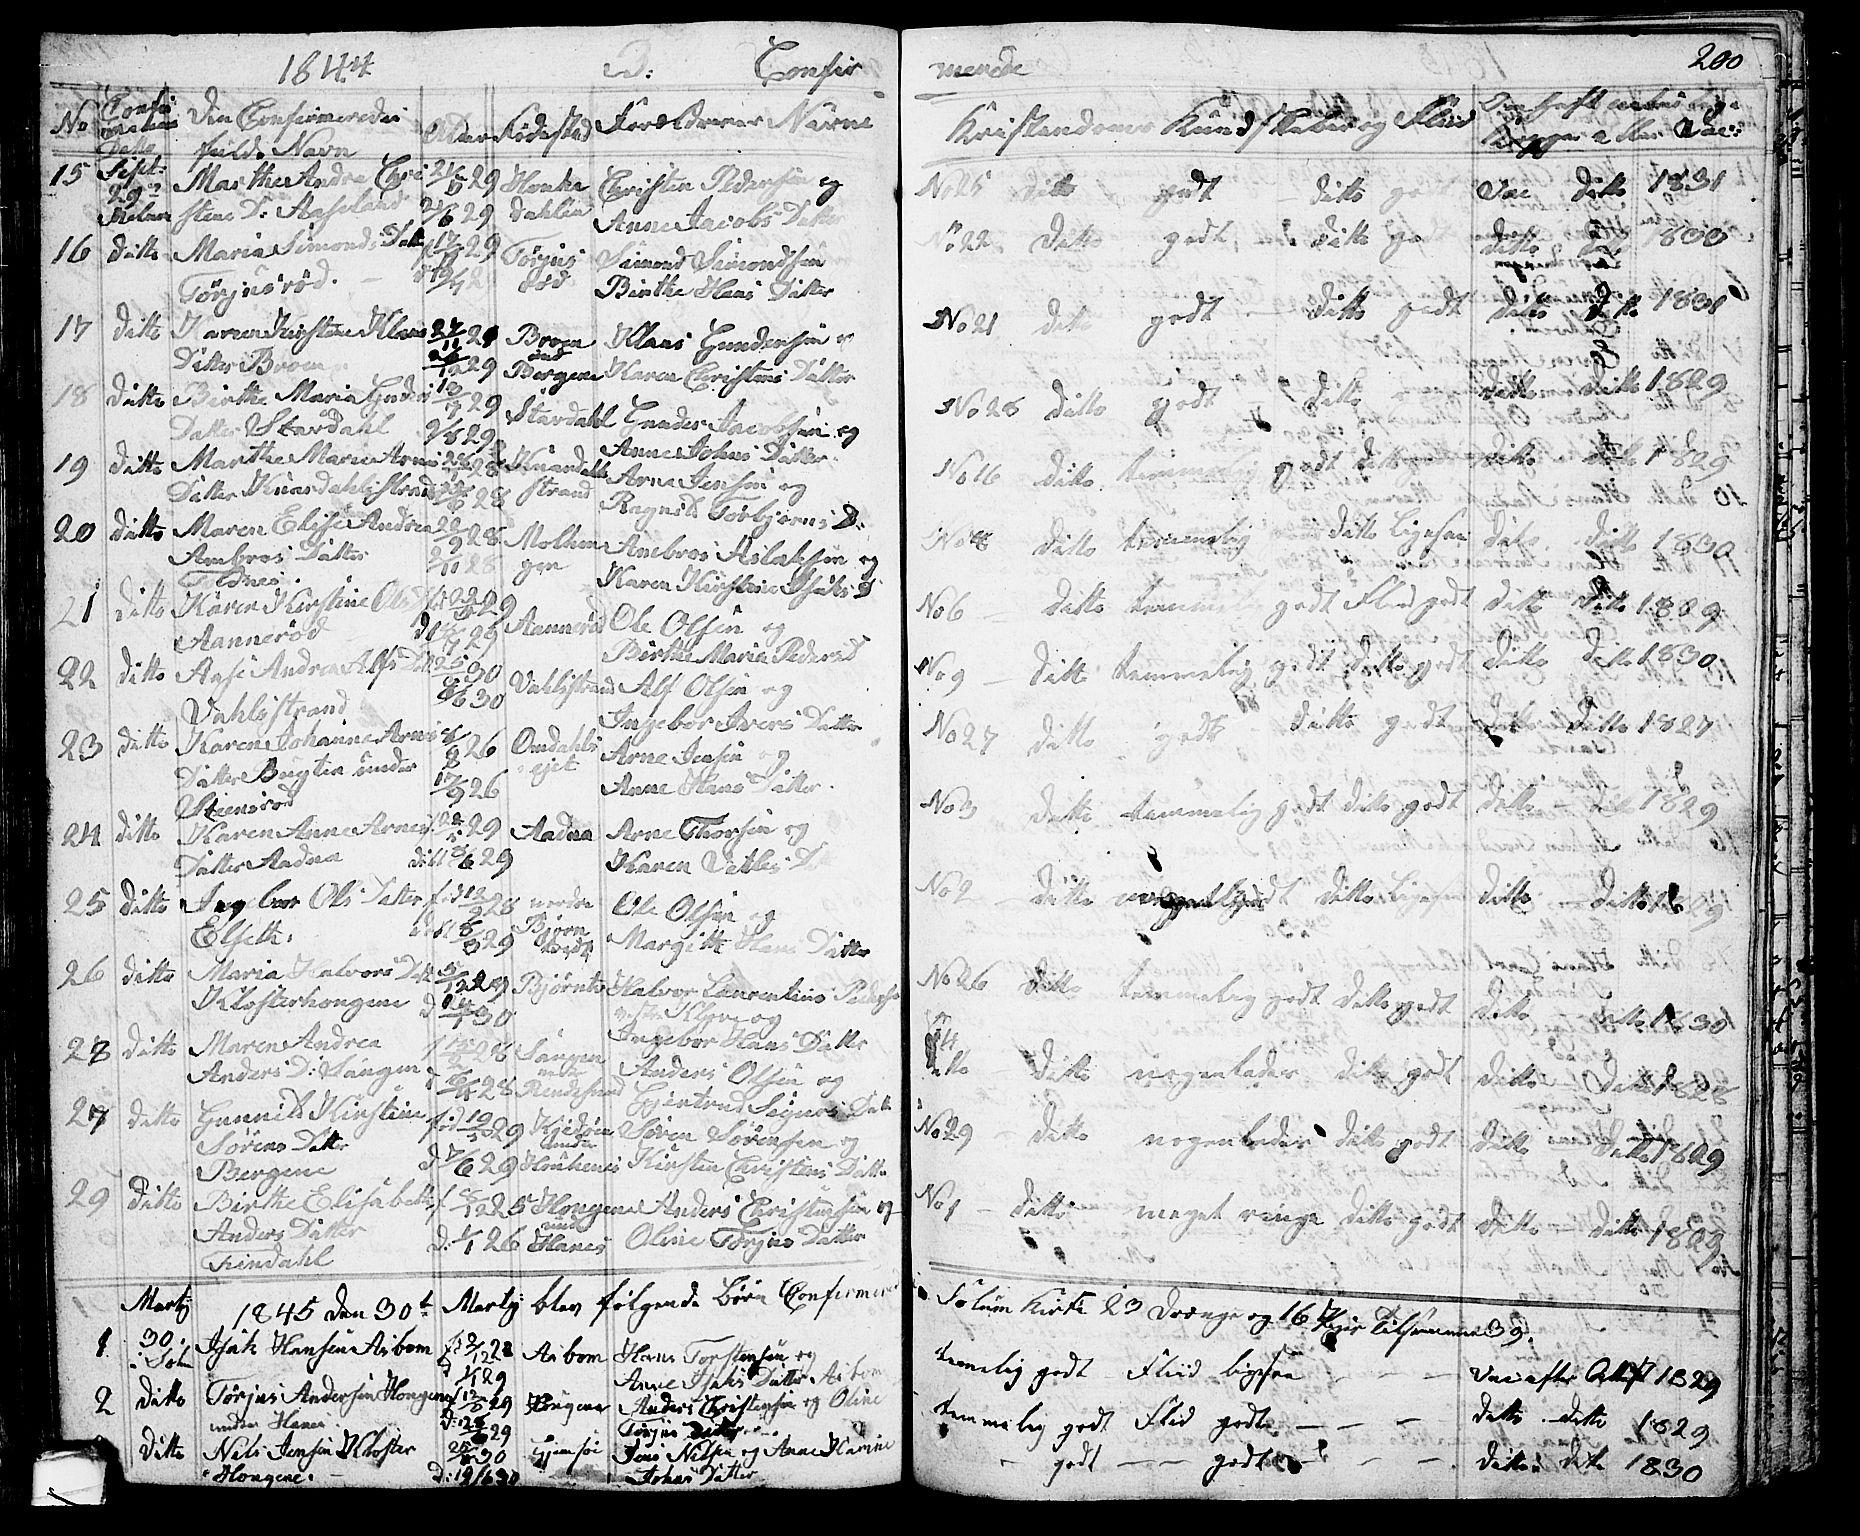 SAKO, Solum kirkebøker, G/Ga/L0002: Klokkerbok nr. I 2, 1834-1848, s. 200